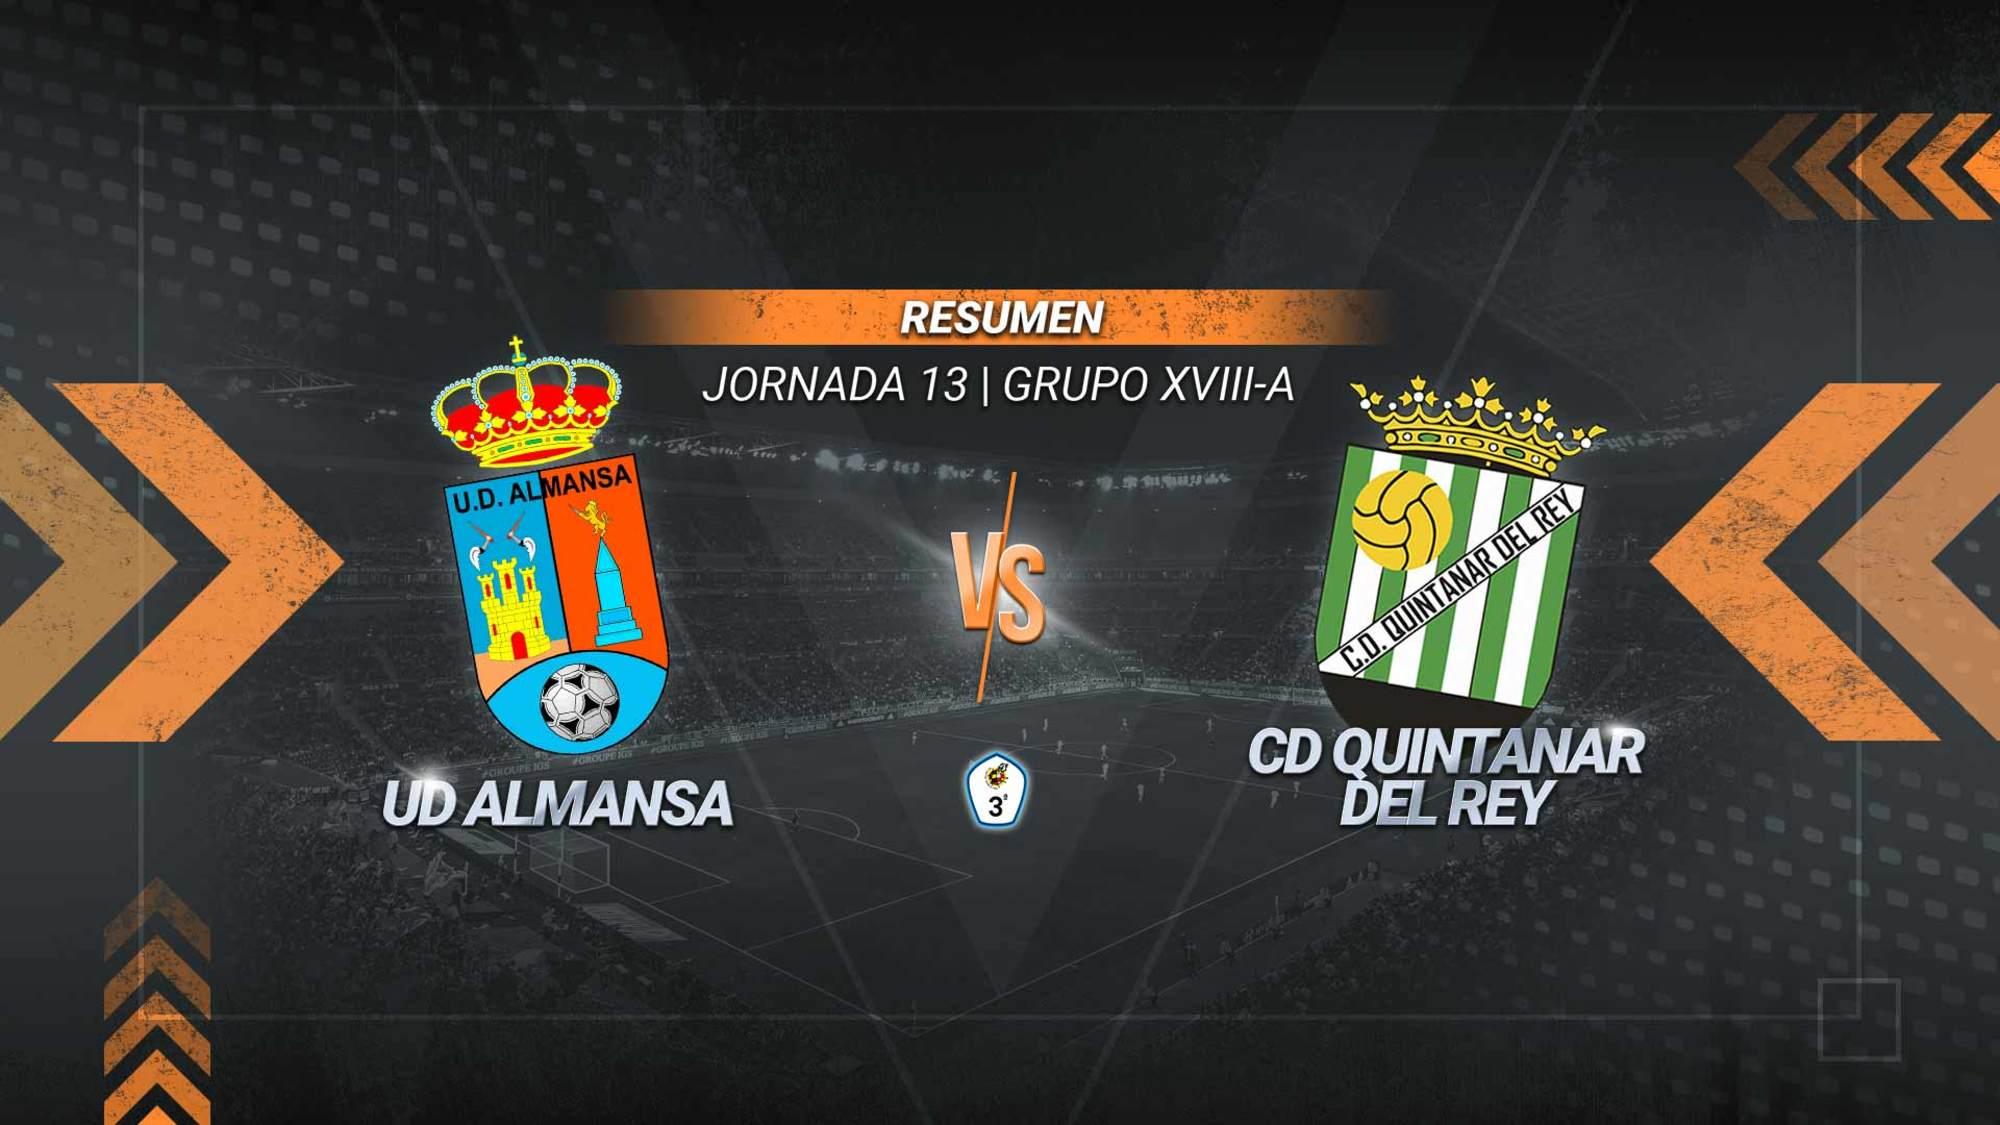 Almansa y Quintanar se reparten los puntos tras dos minutos locos. Marcos Bautista adelantó a los almanseños con un gran gol en el 74' y Eloy empató en el 76' para los visitantes.